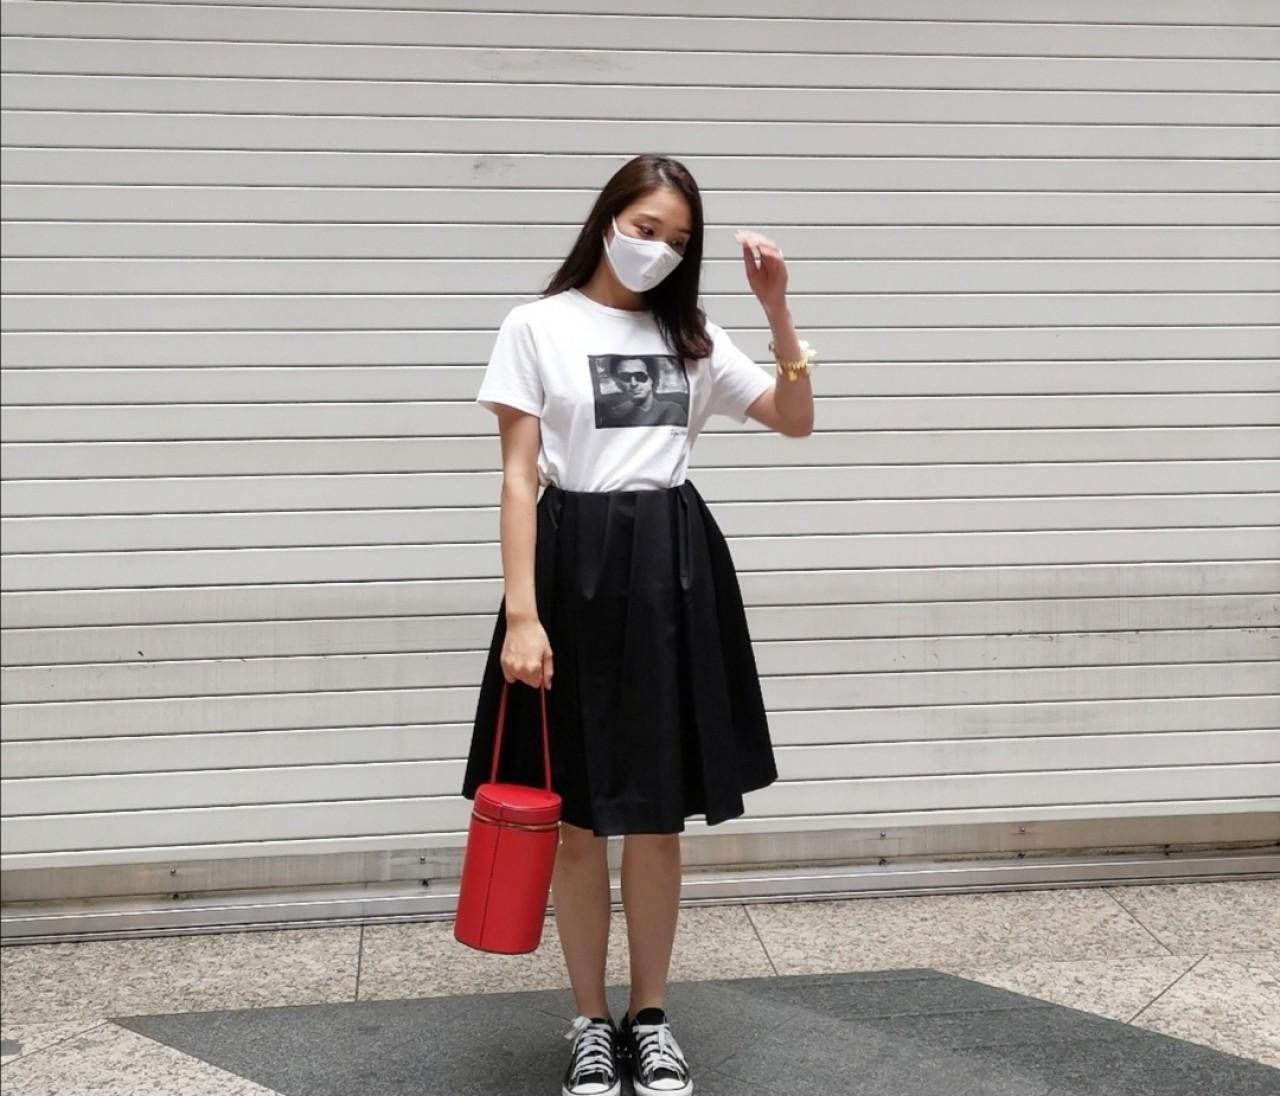 【COS サマーセール】大人のミニスカートコーデ